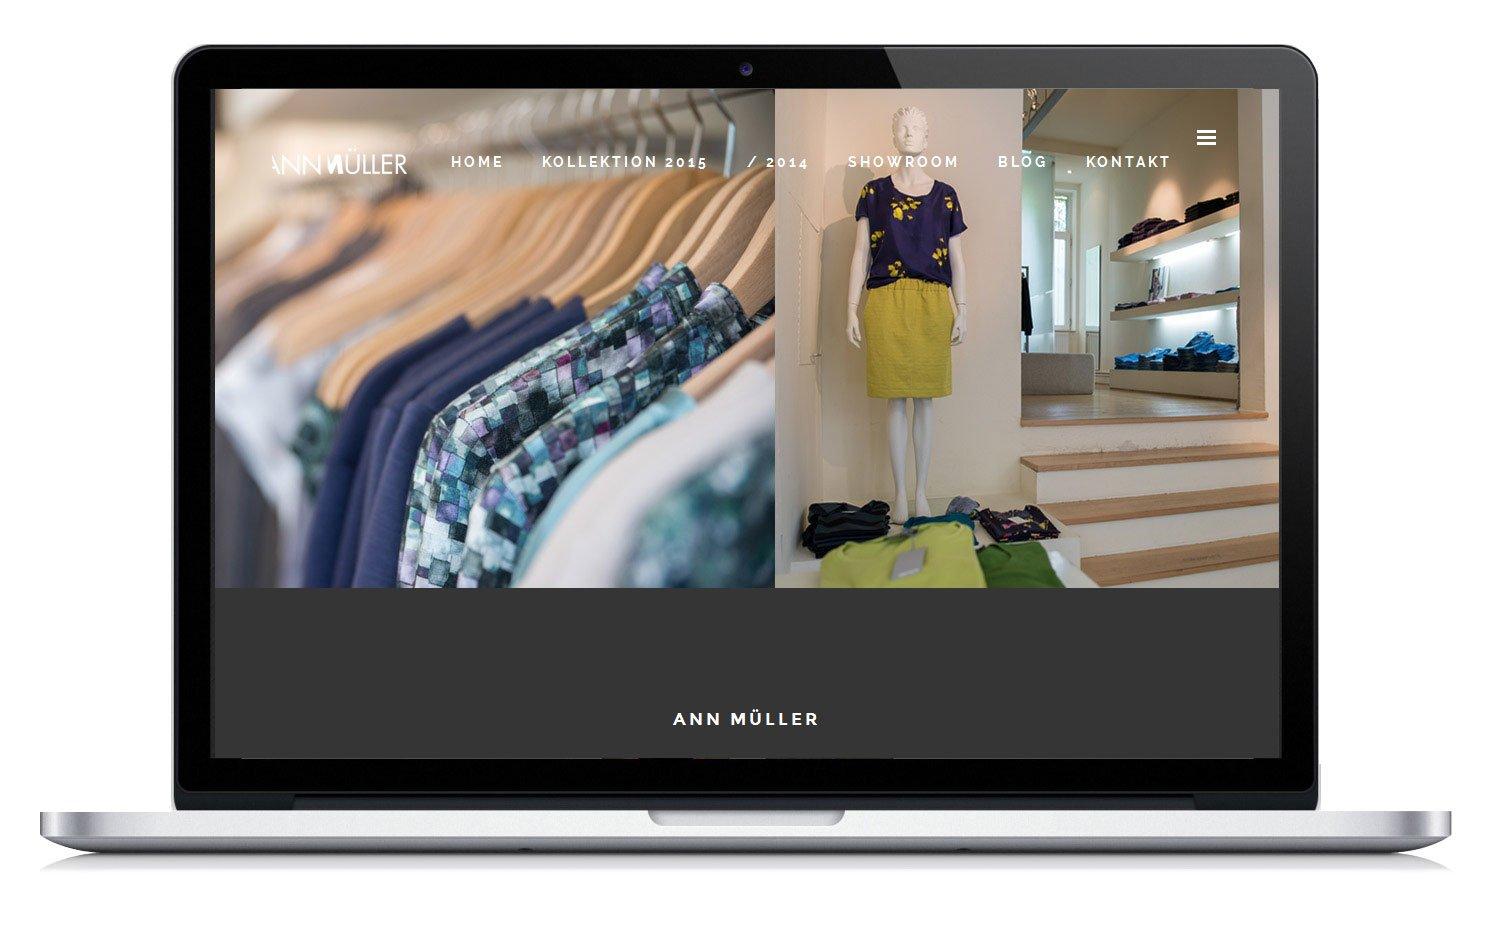 Homepage Gestaltung und Umsetzung für die Modedesignerin Ann Müller. Ansicht Showroom.